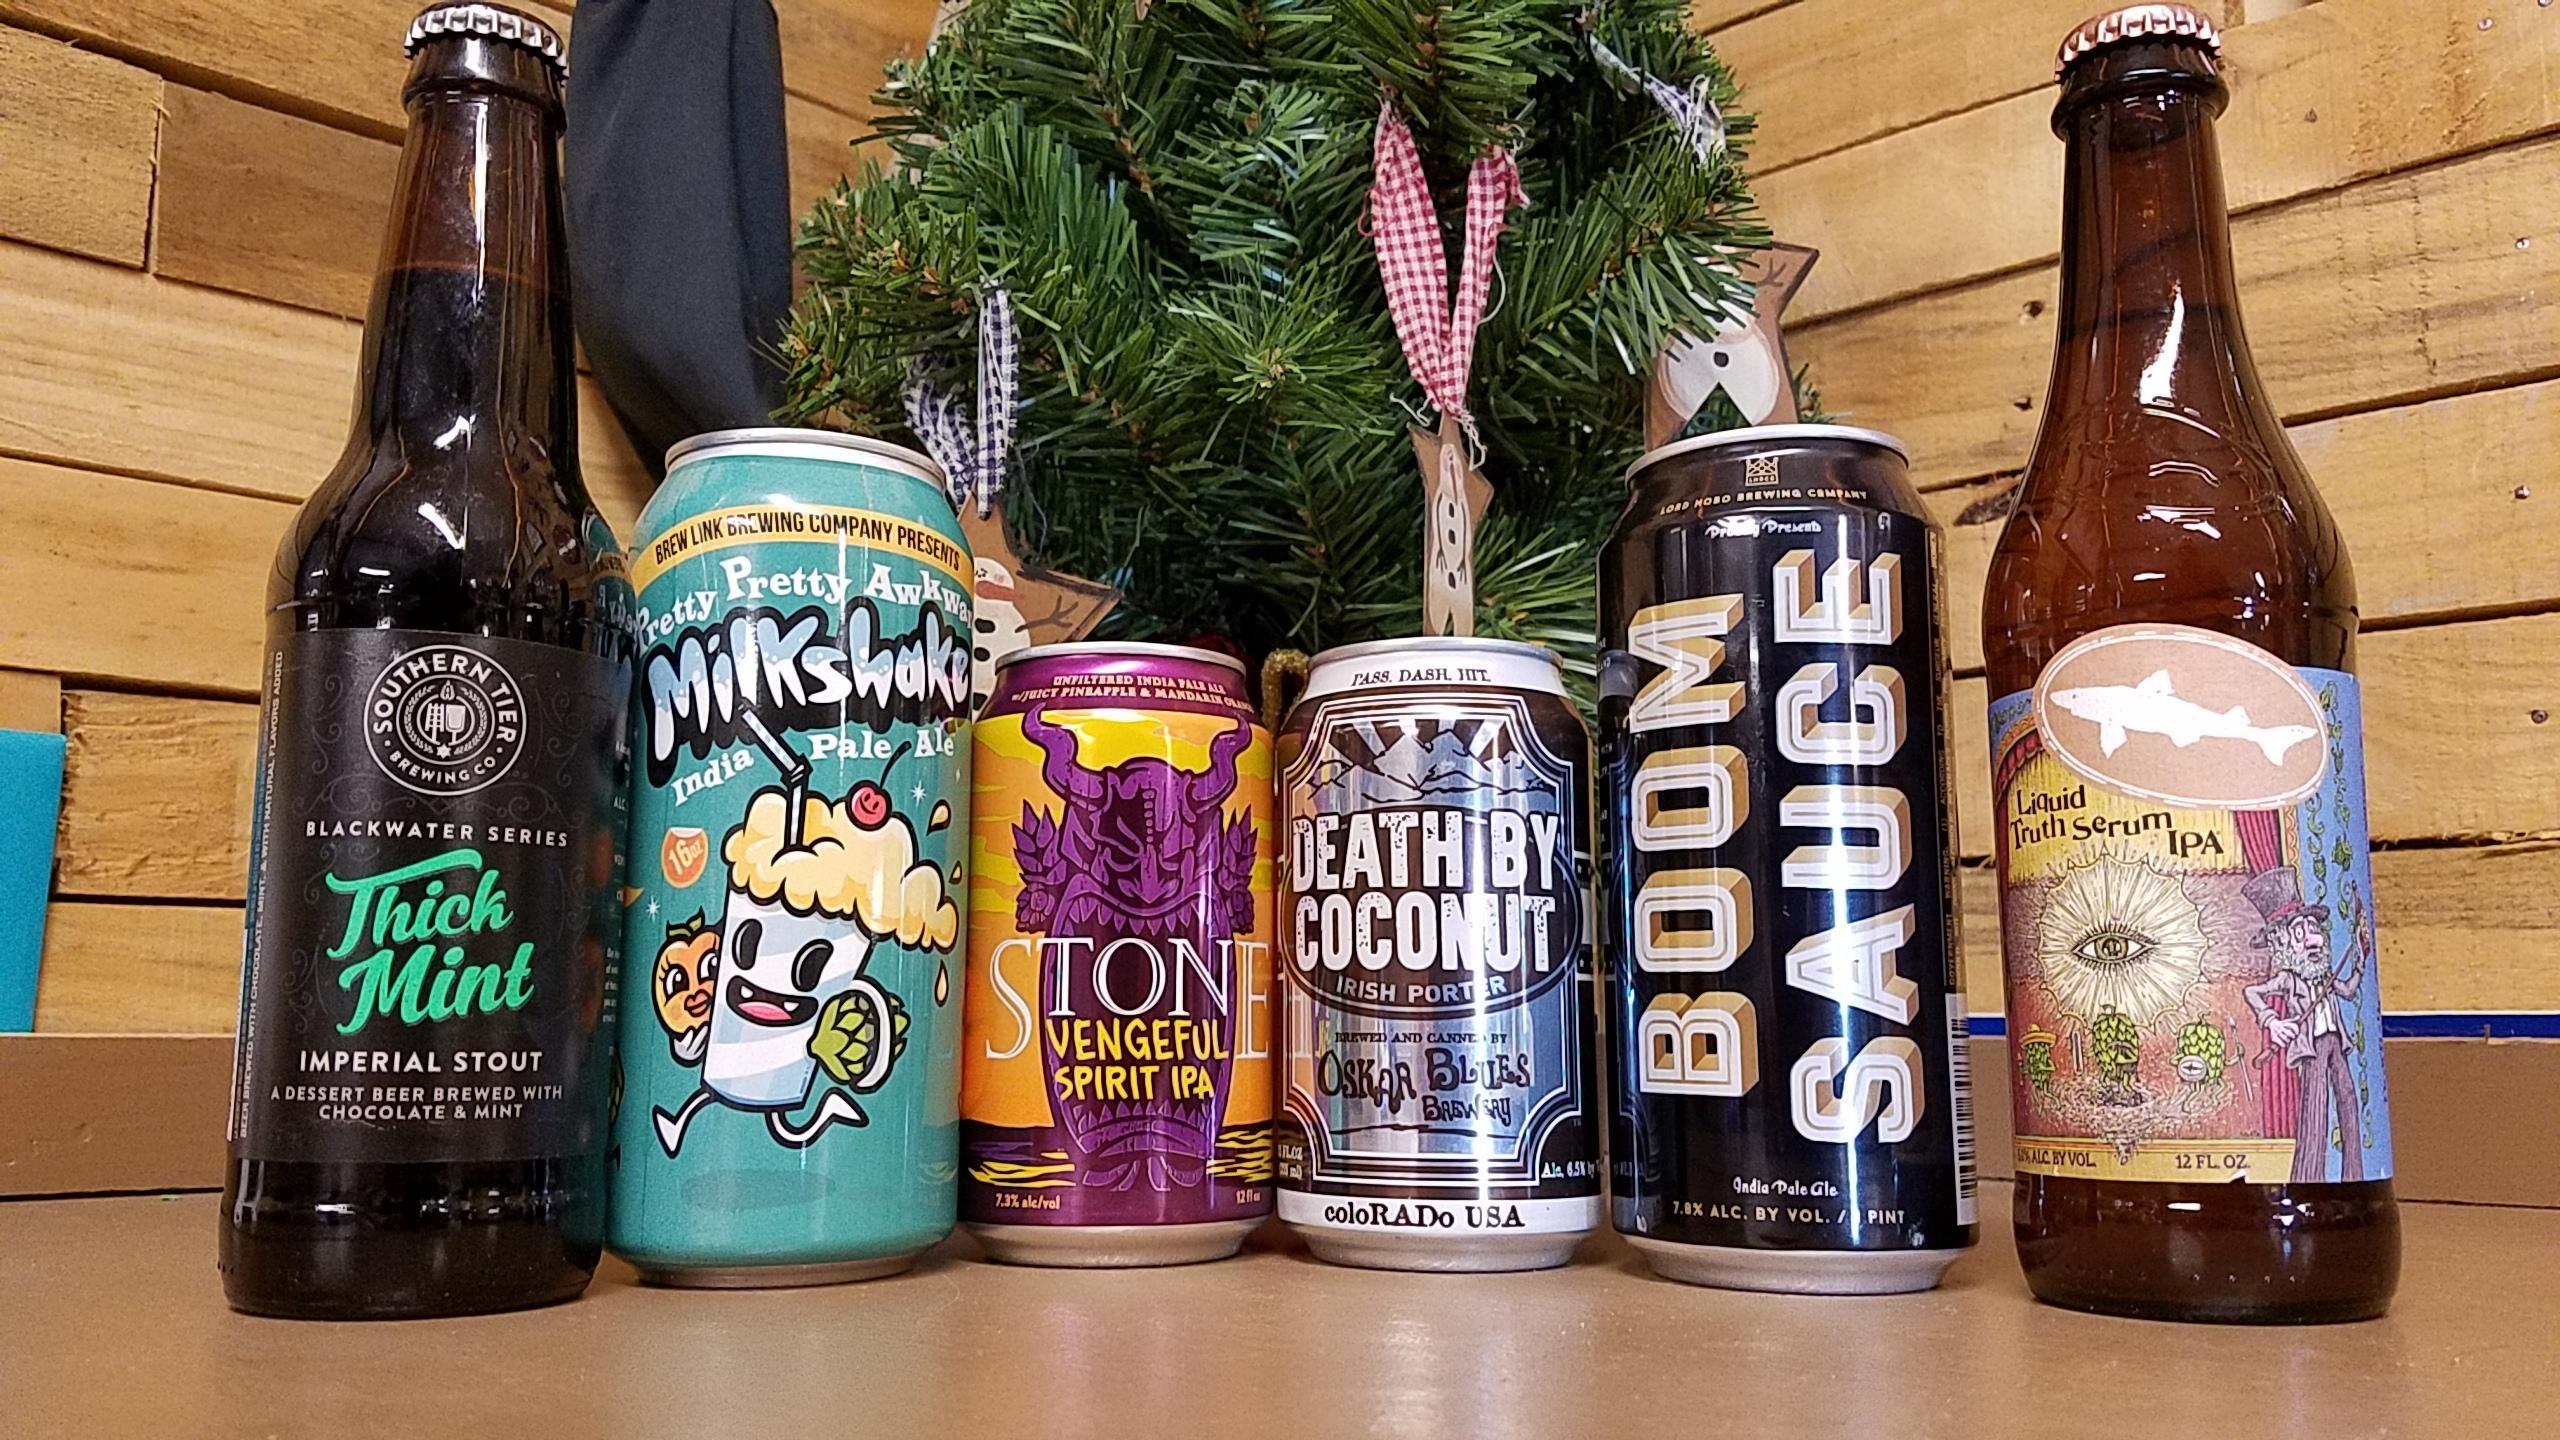 Christmas gift from a friend! #FavoriteBeers #summershandy #beers ...